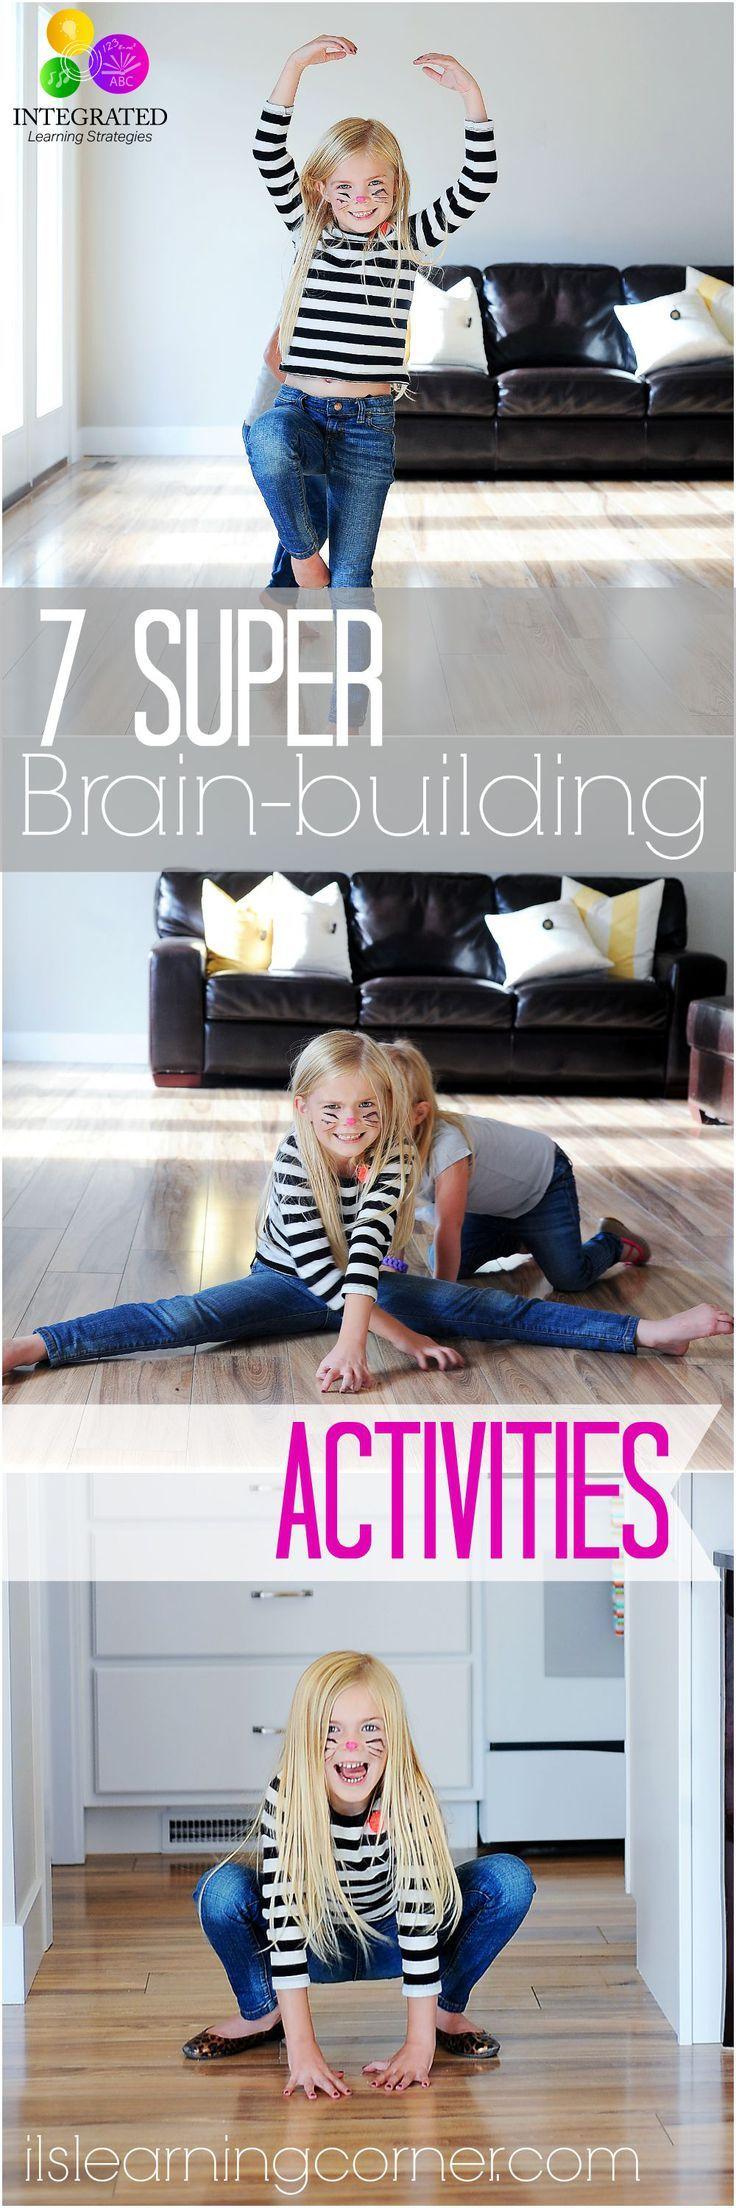 7 Super Brain-building Gross Motor Activities for Kids   ilslearningcorner.com #kidsactivities